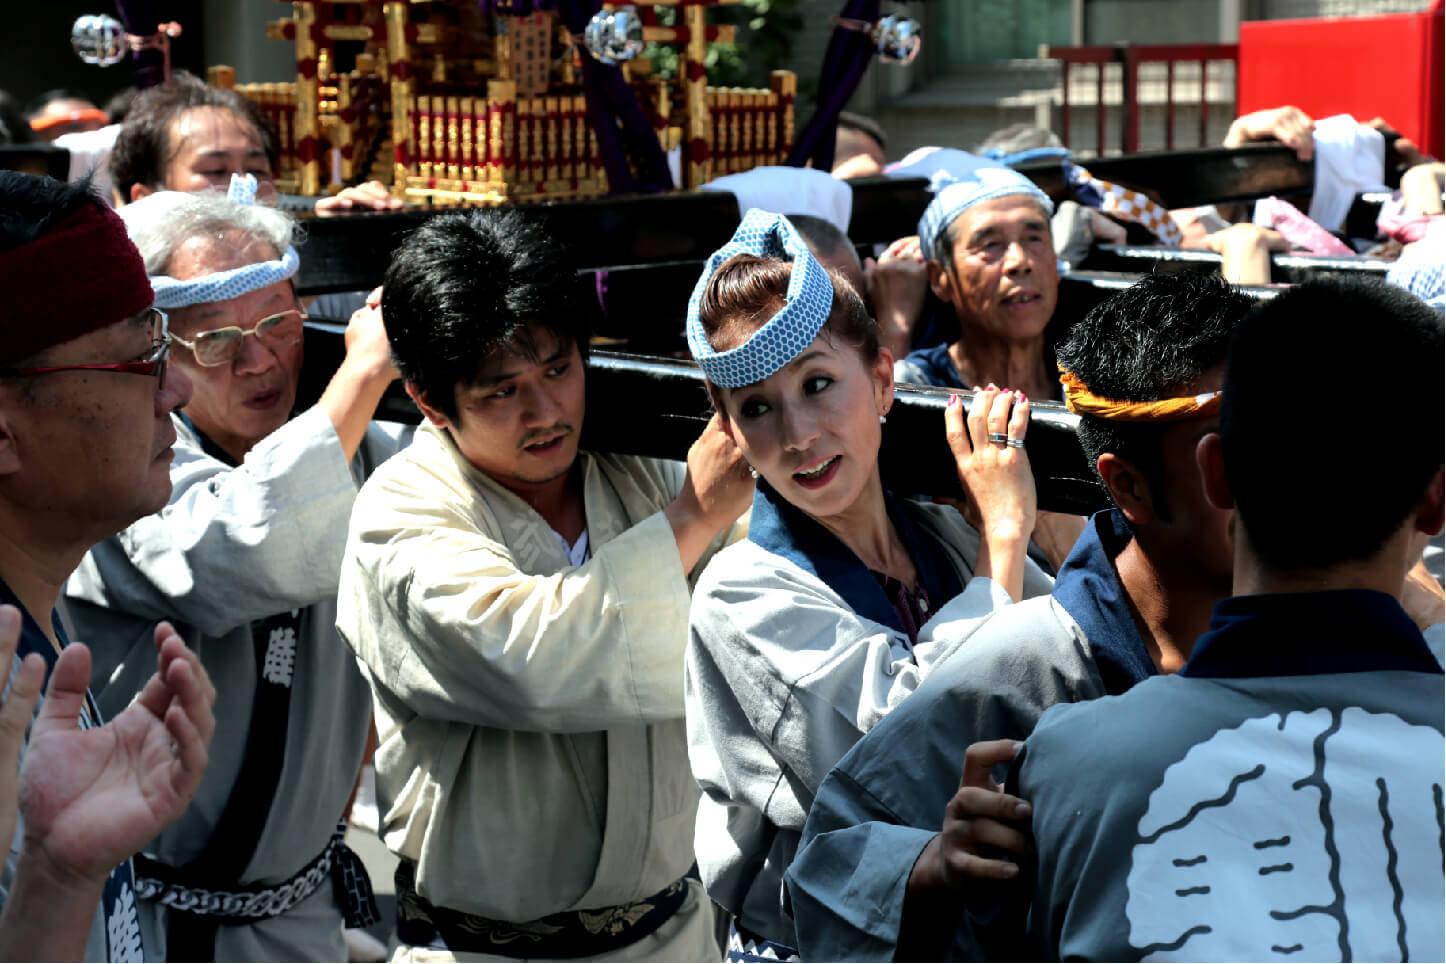 女性も法被を着てお神輿を担ぐ